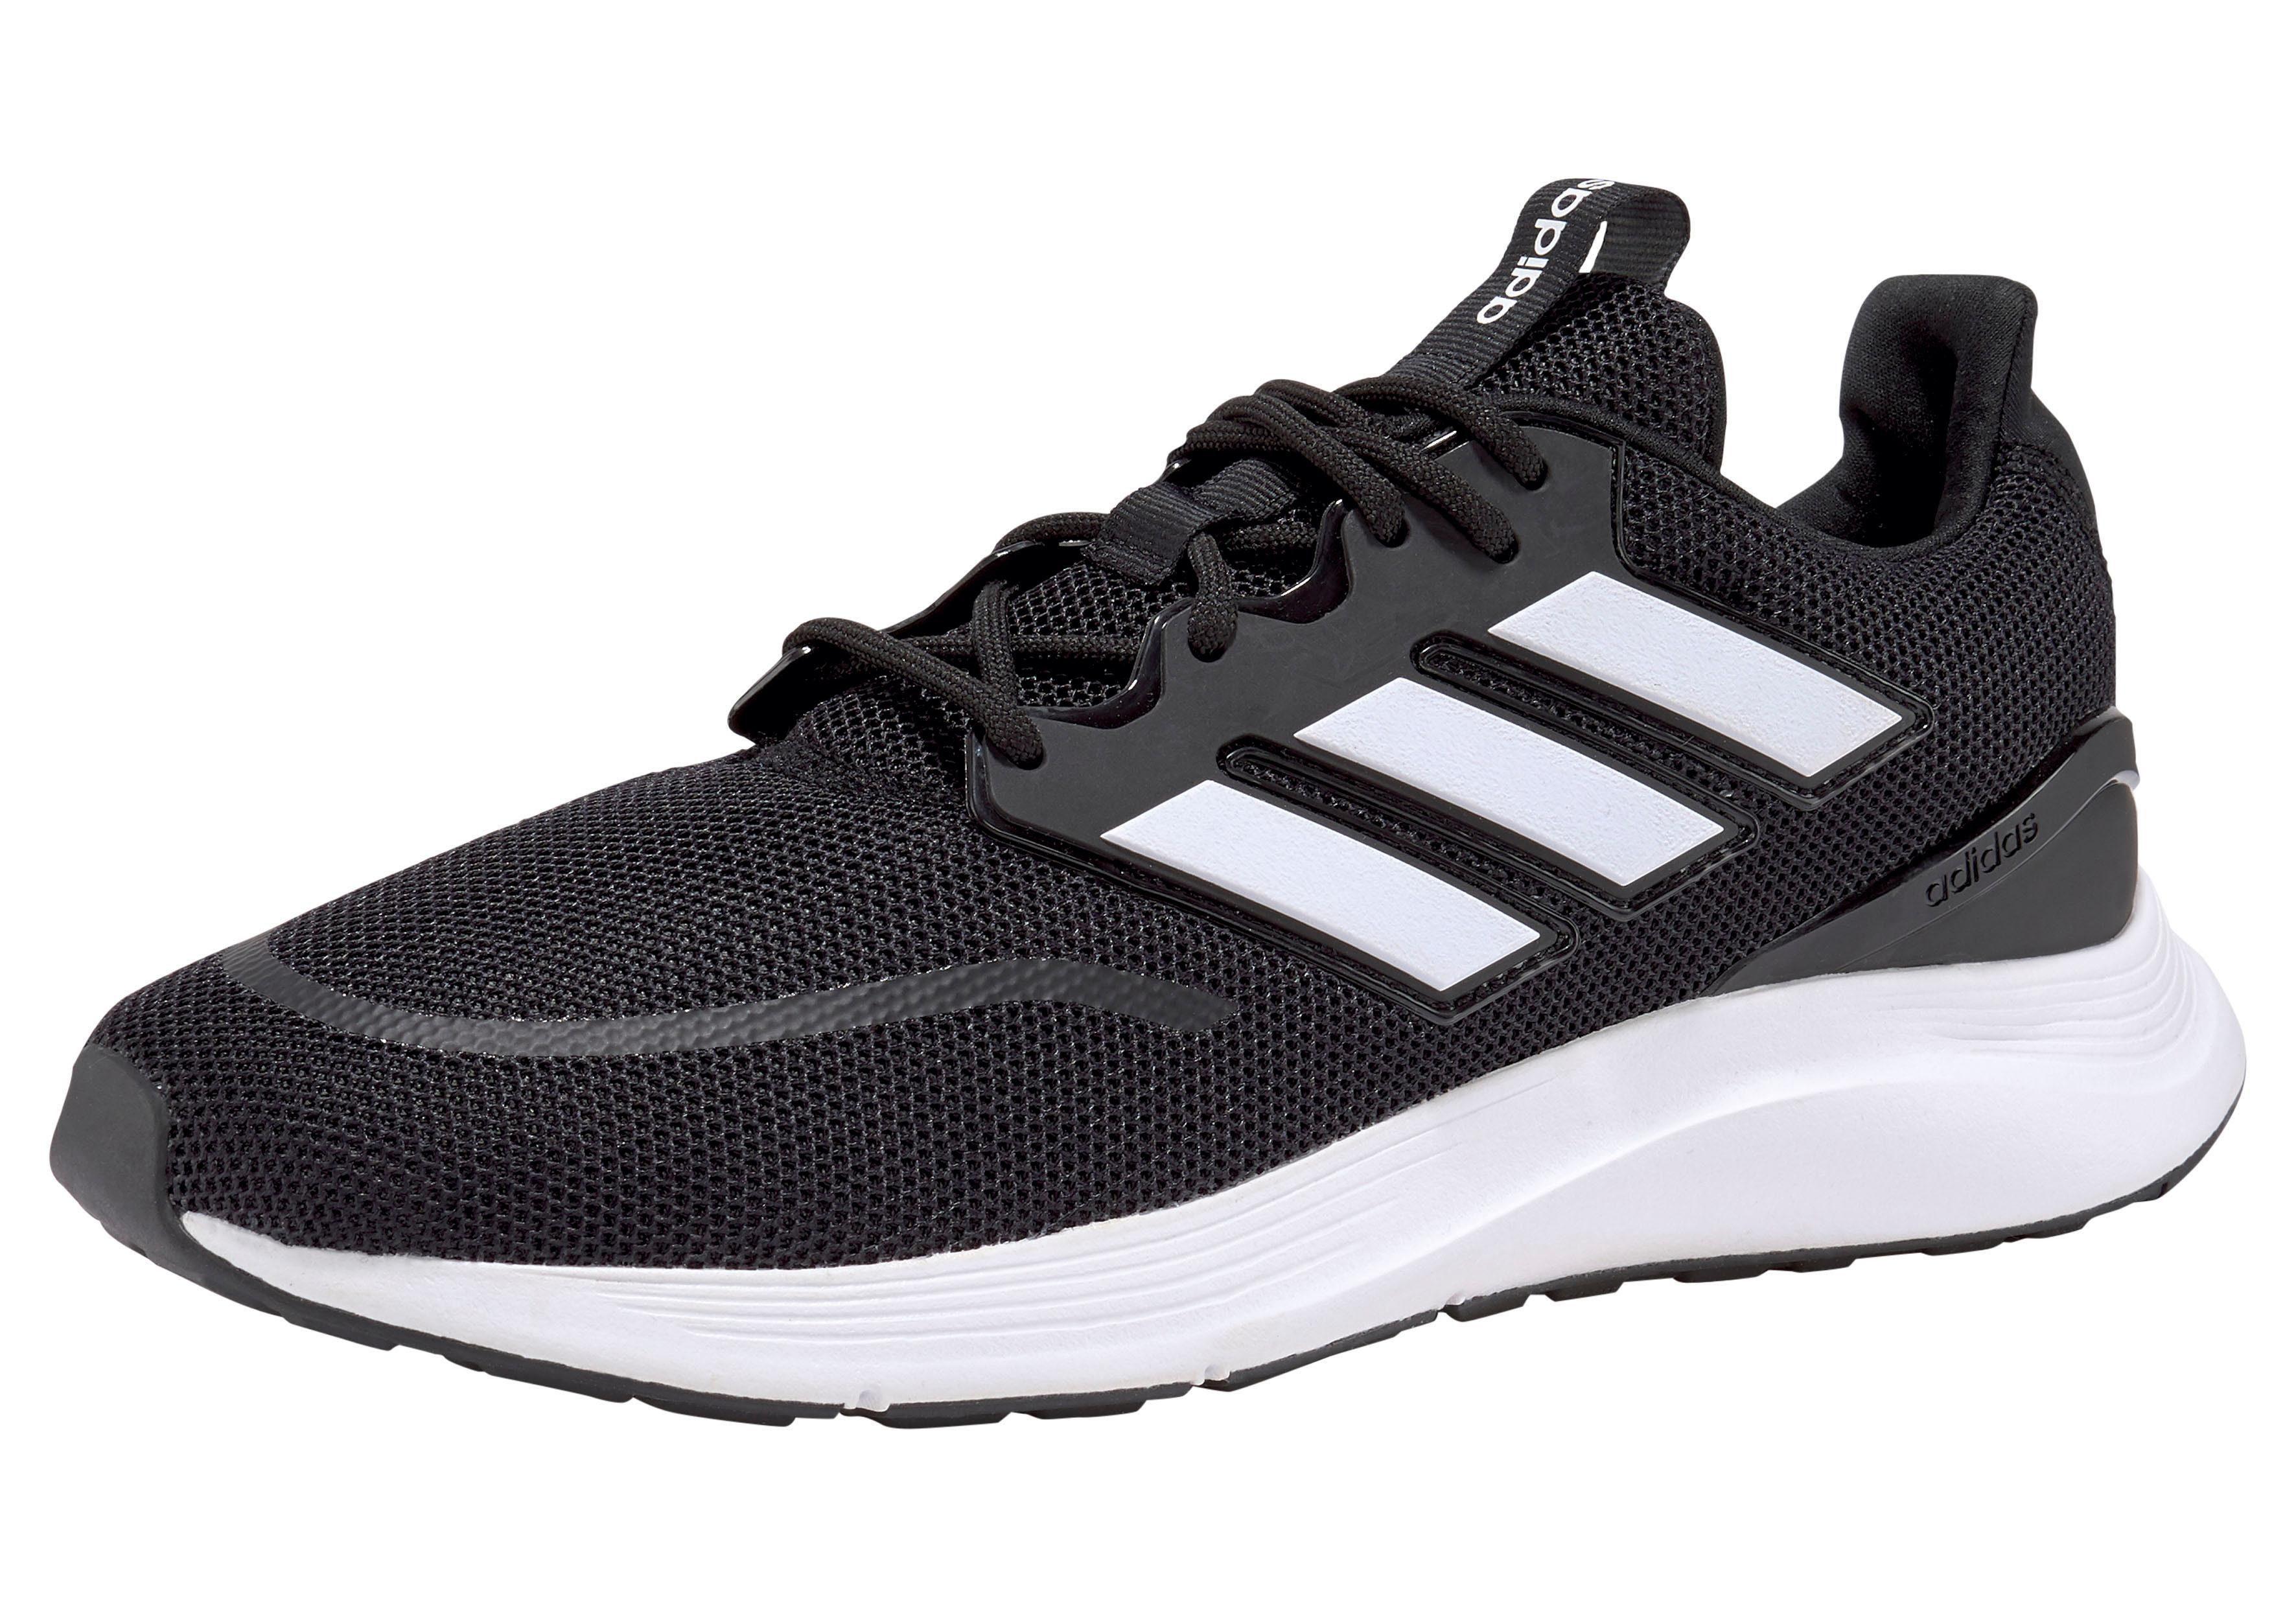 adidas »ENERGY FALCON« Laufschuh, Klasssicher Laufschuh von adidas online kaufen | OTTO